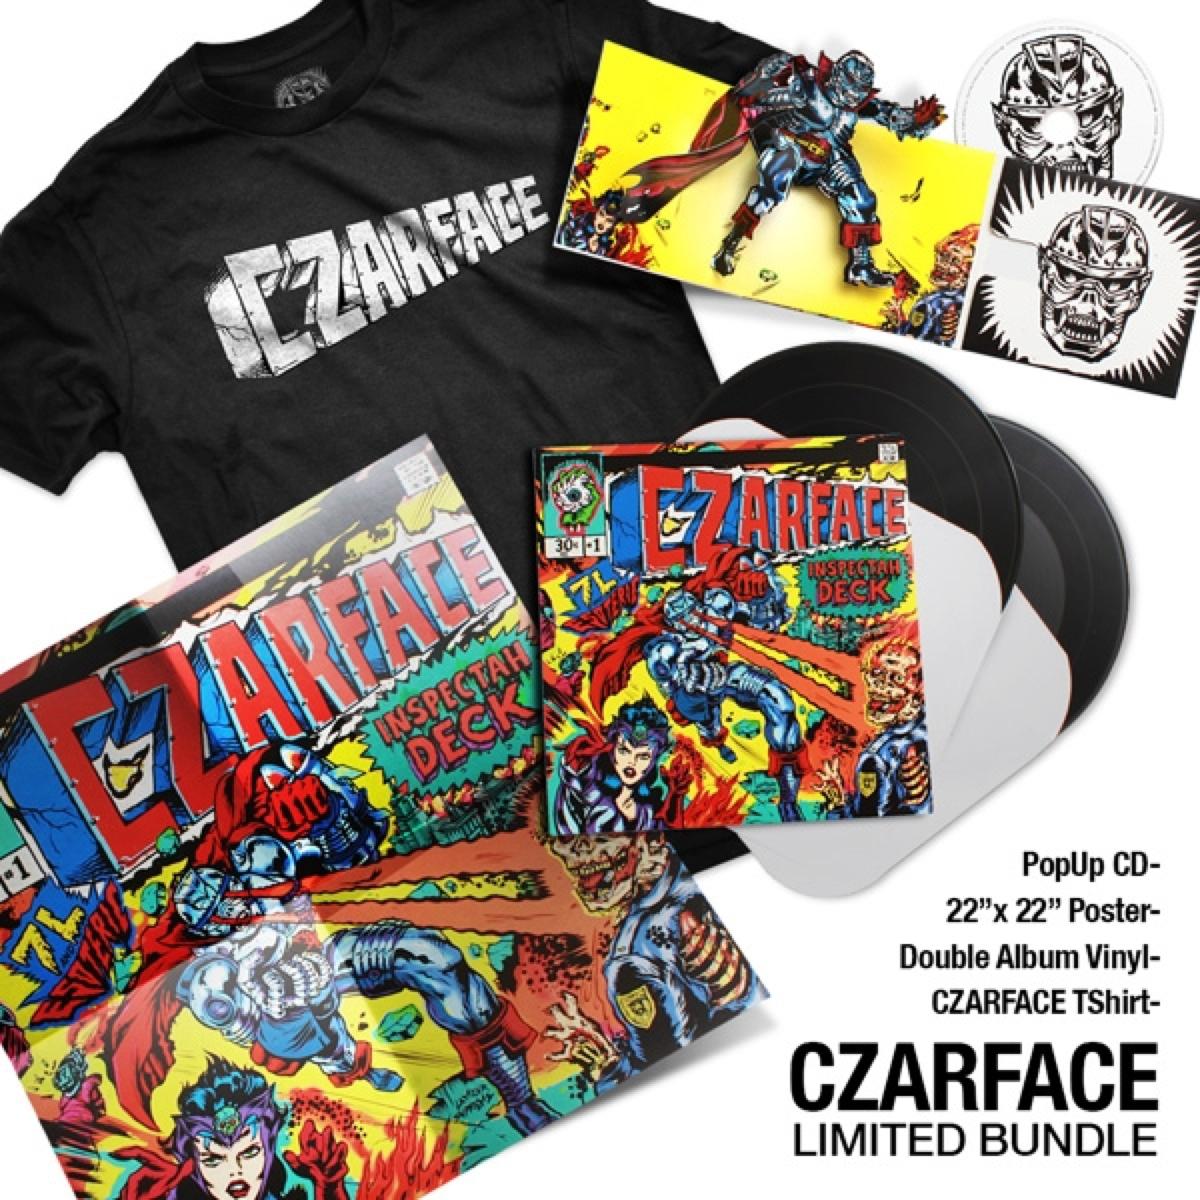 Czarface 7l Esoteric Inspectah Deck Limited Bundle